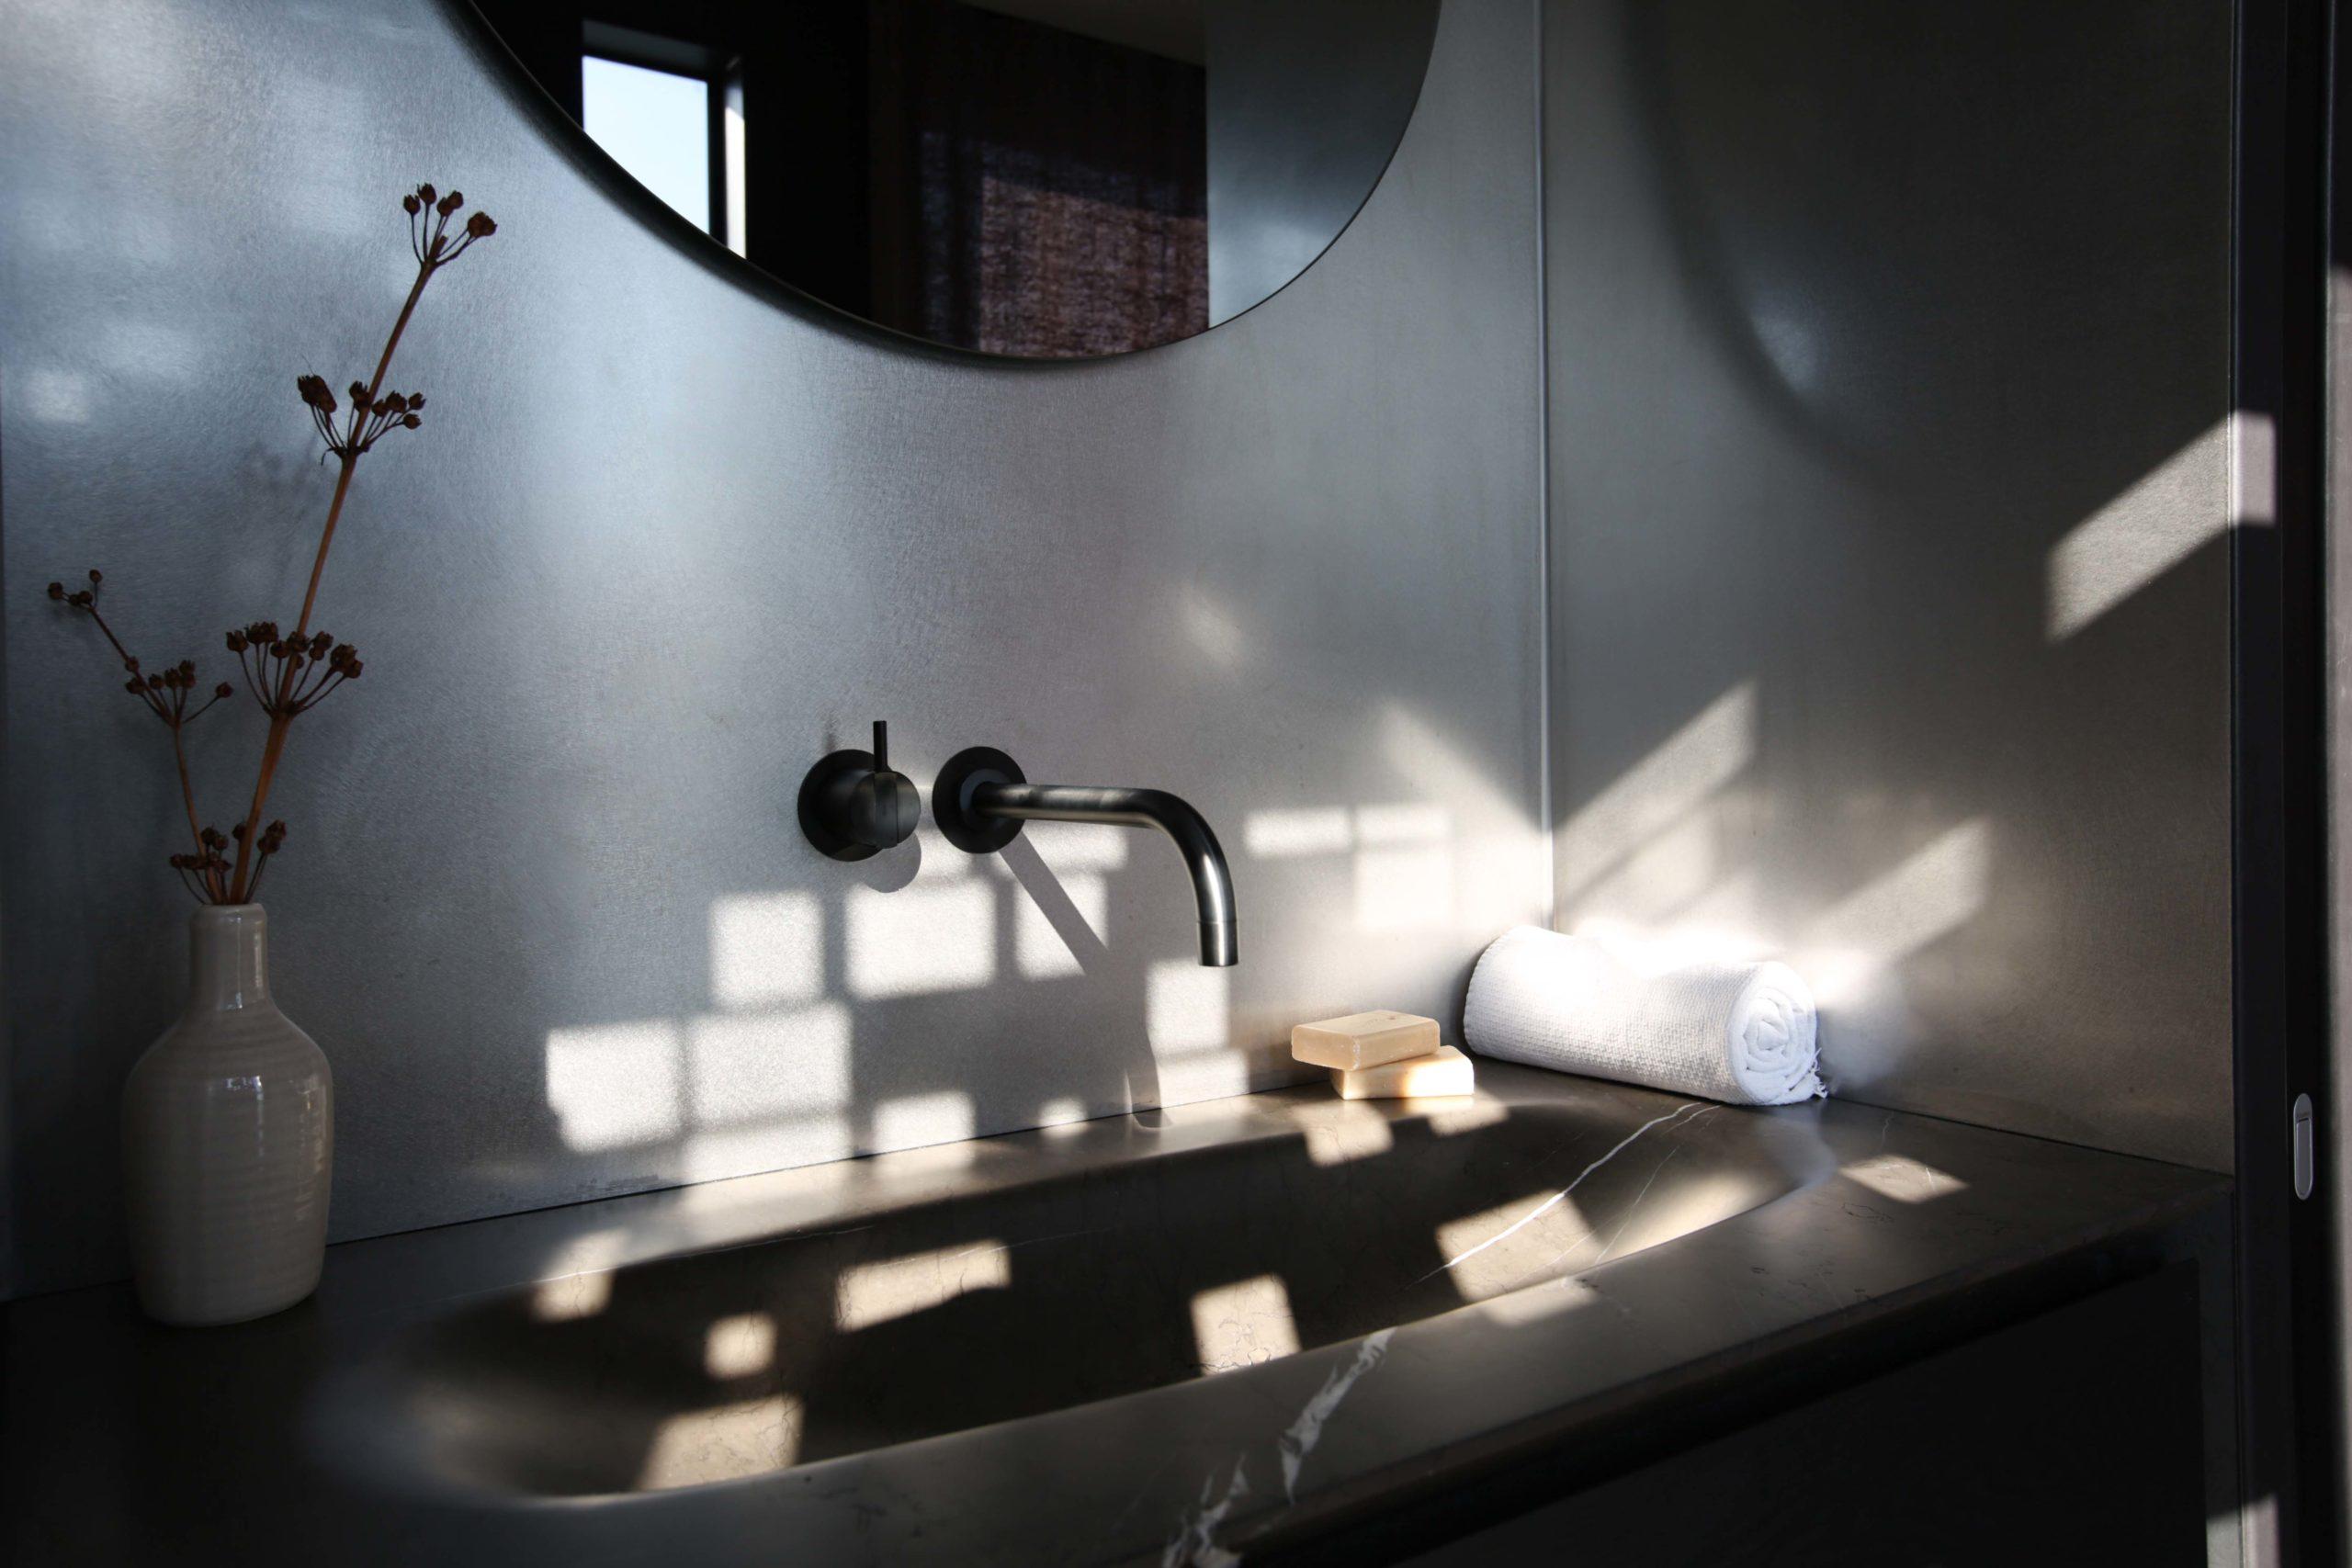 Onyx Hausboot Badezimmer Waschbecken Nobla Karlsruhe Design